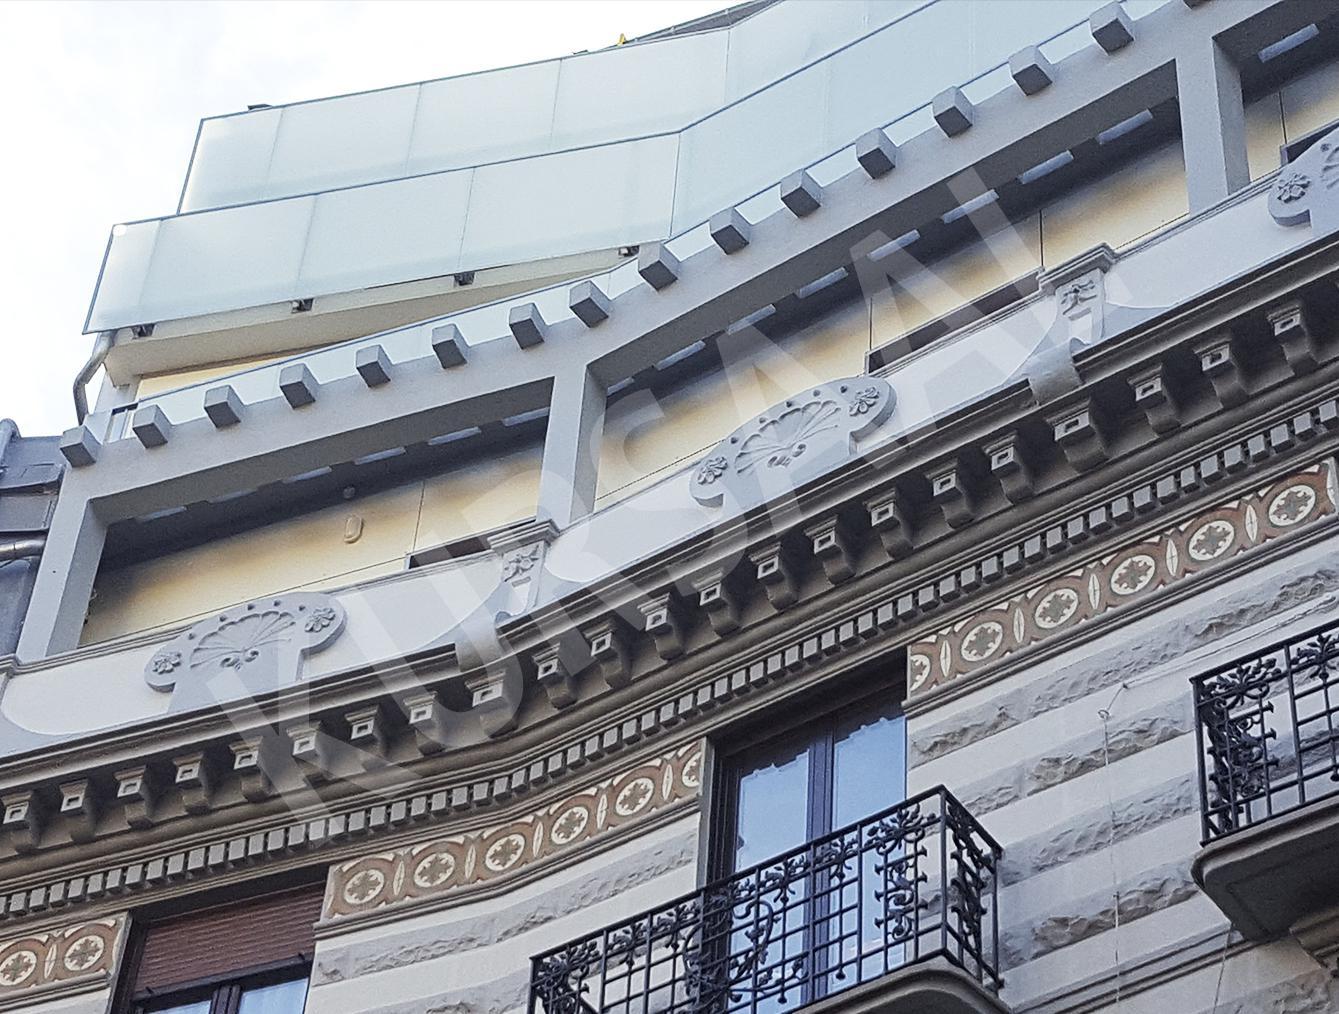 foto 15 - Restauración y patrimonio-San Bartolomé 27-DONOSTIA, GIPUZKOA